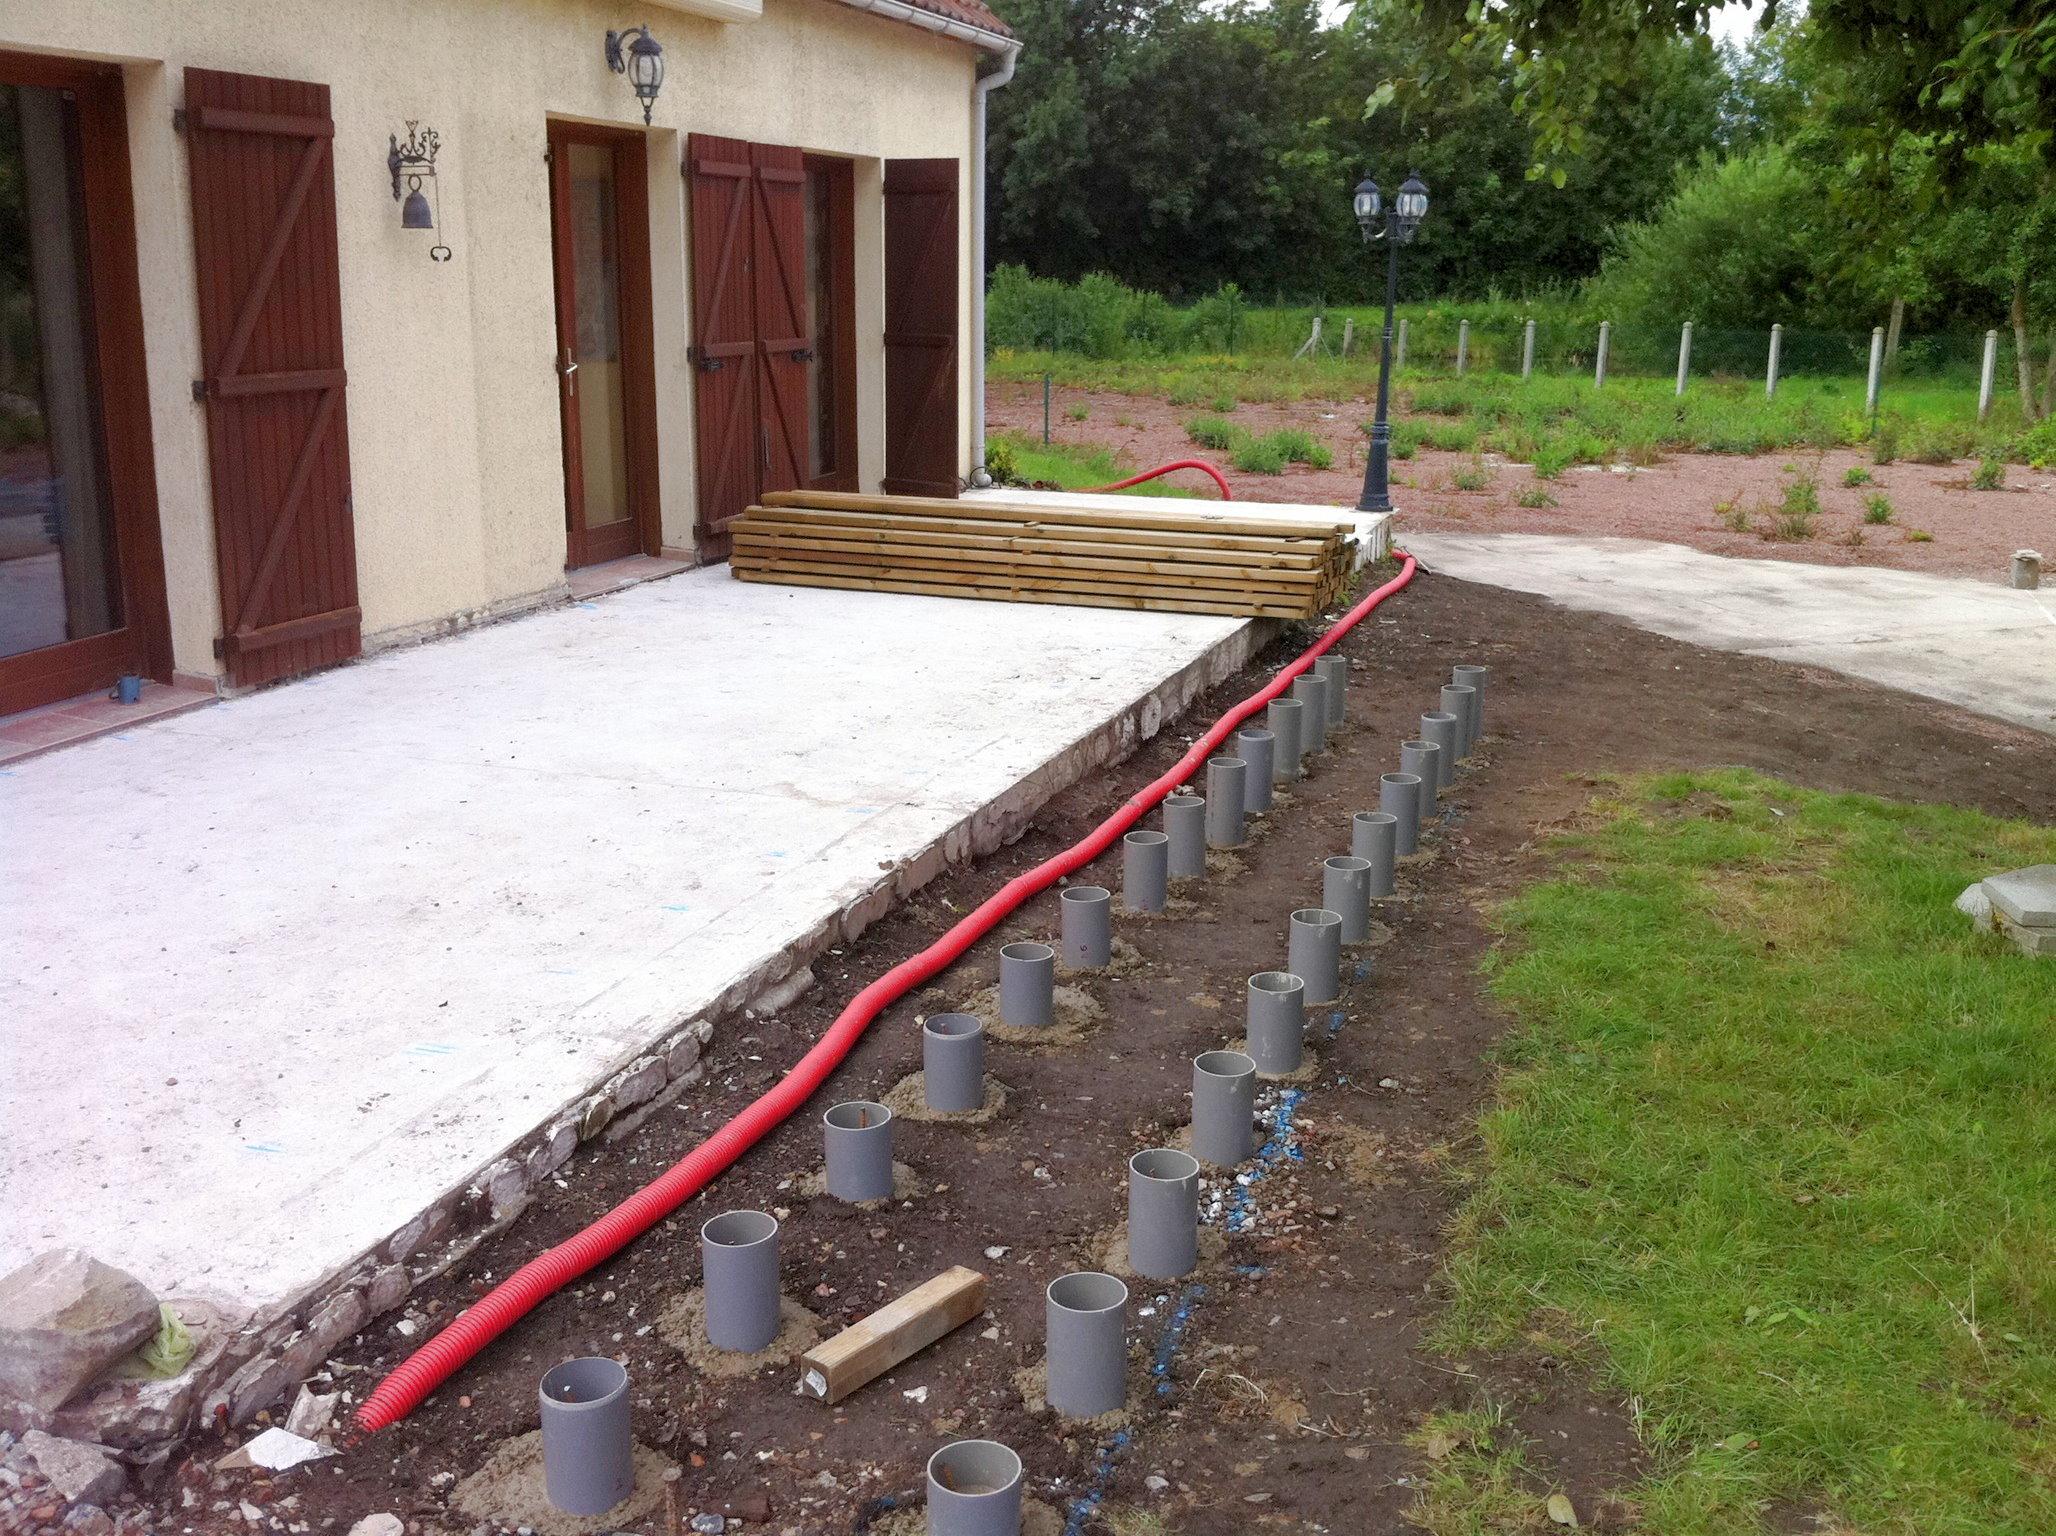 construire une terrasse en bois - paysagiste amiens - Comment Construire Une Terrasse En Beton